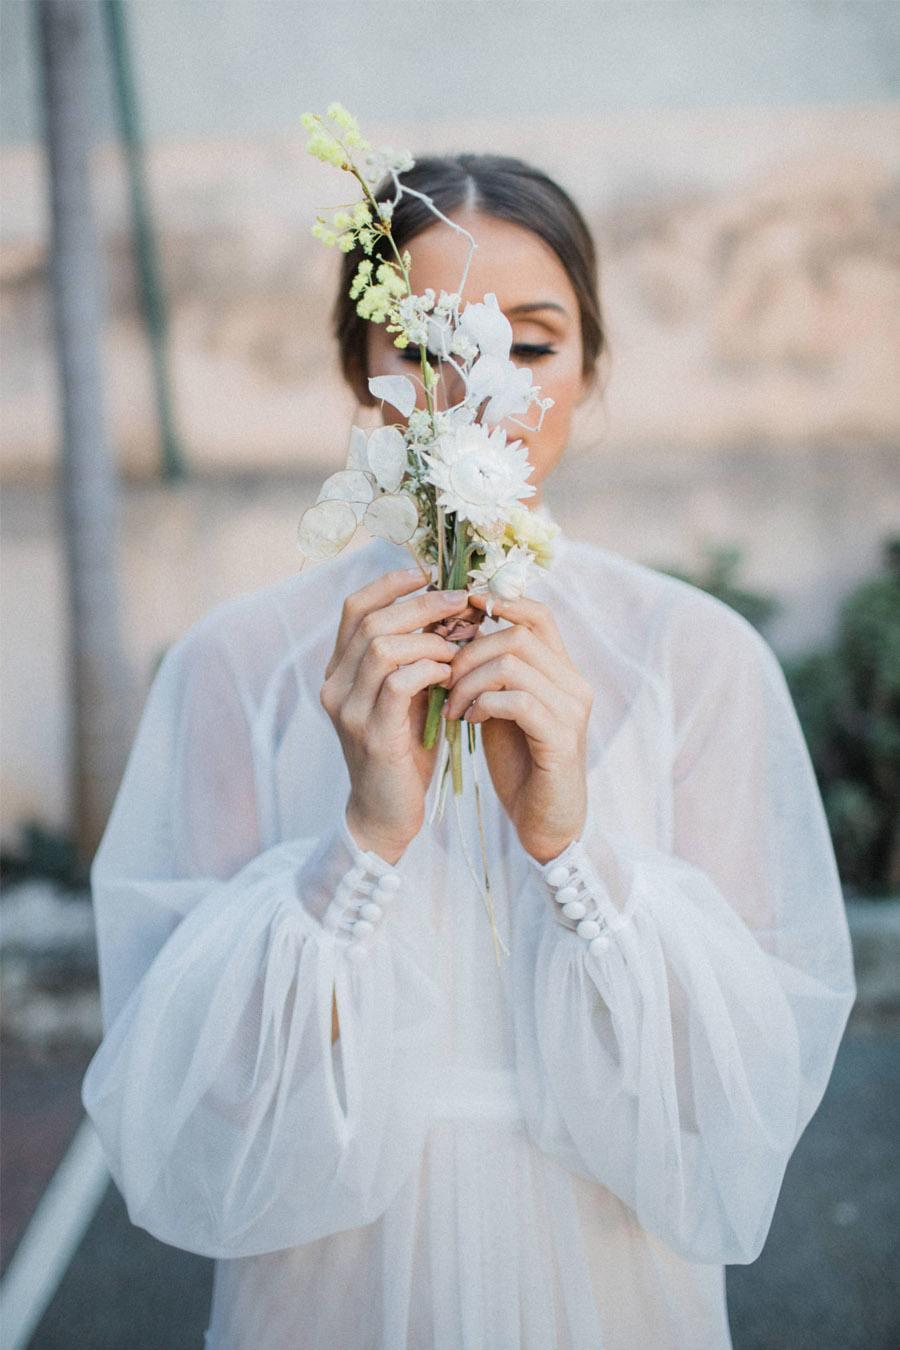 4 TENDENCIAS EN VESTIDOS DE NOVIA PARA 2020 2020-vestido-novia